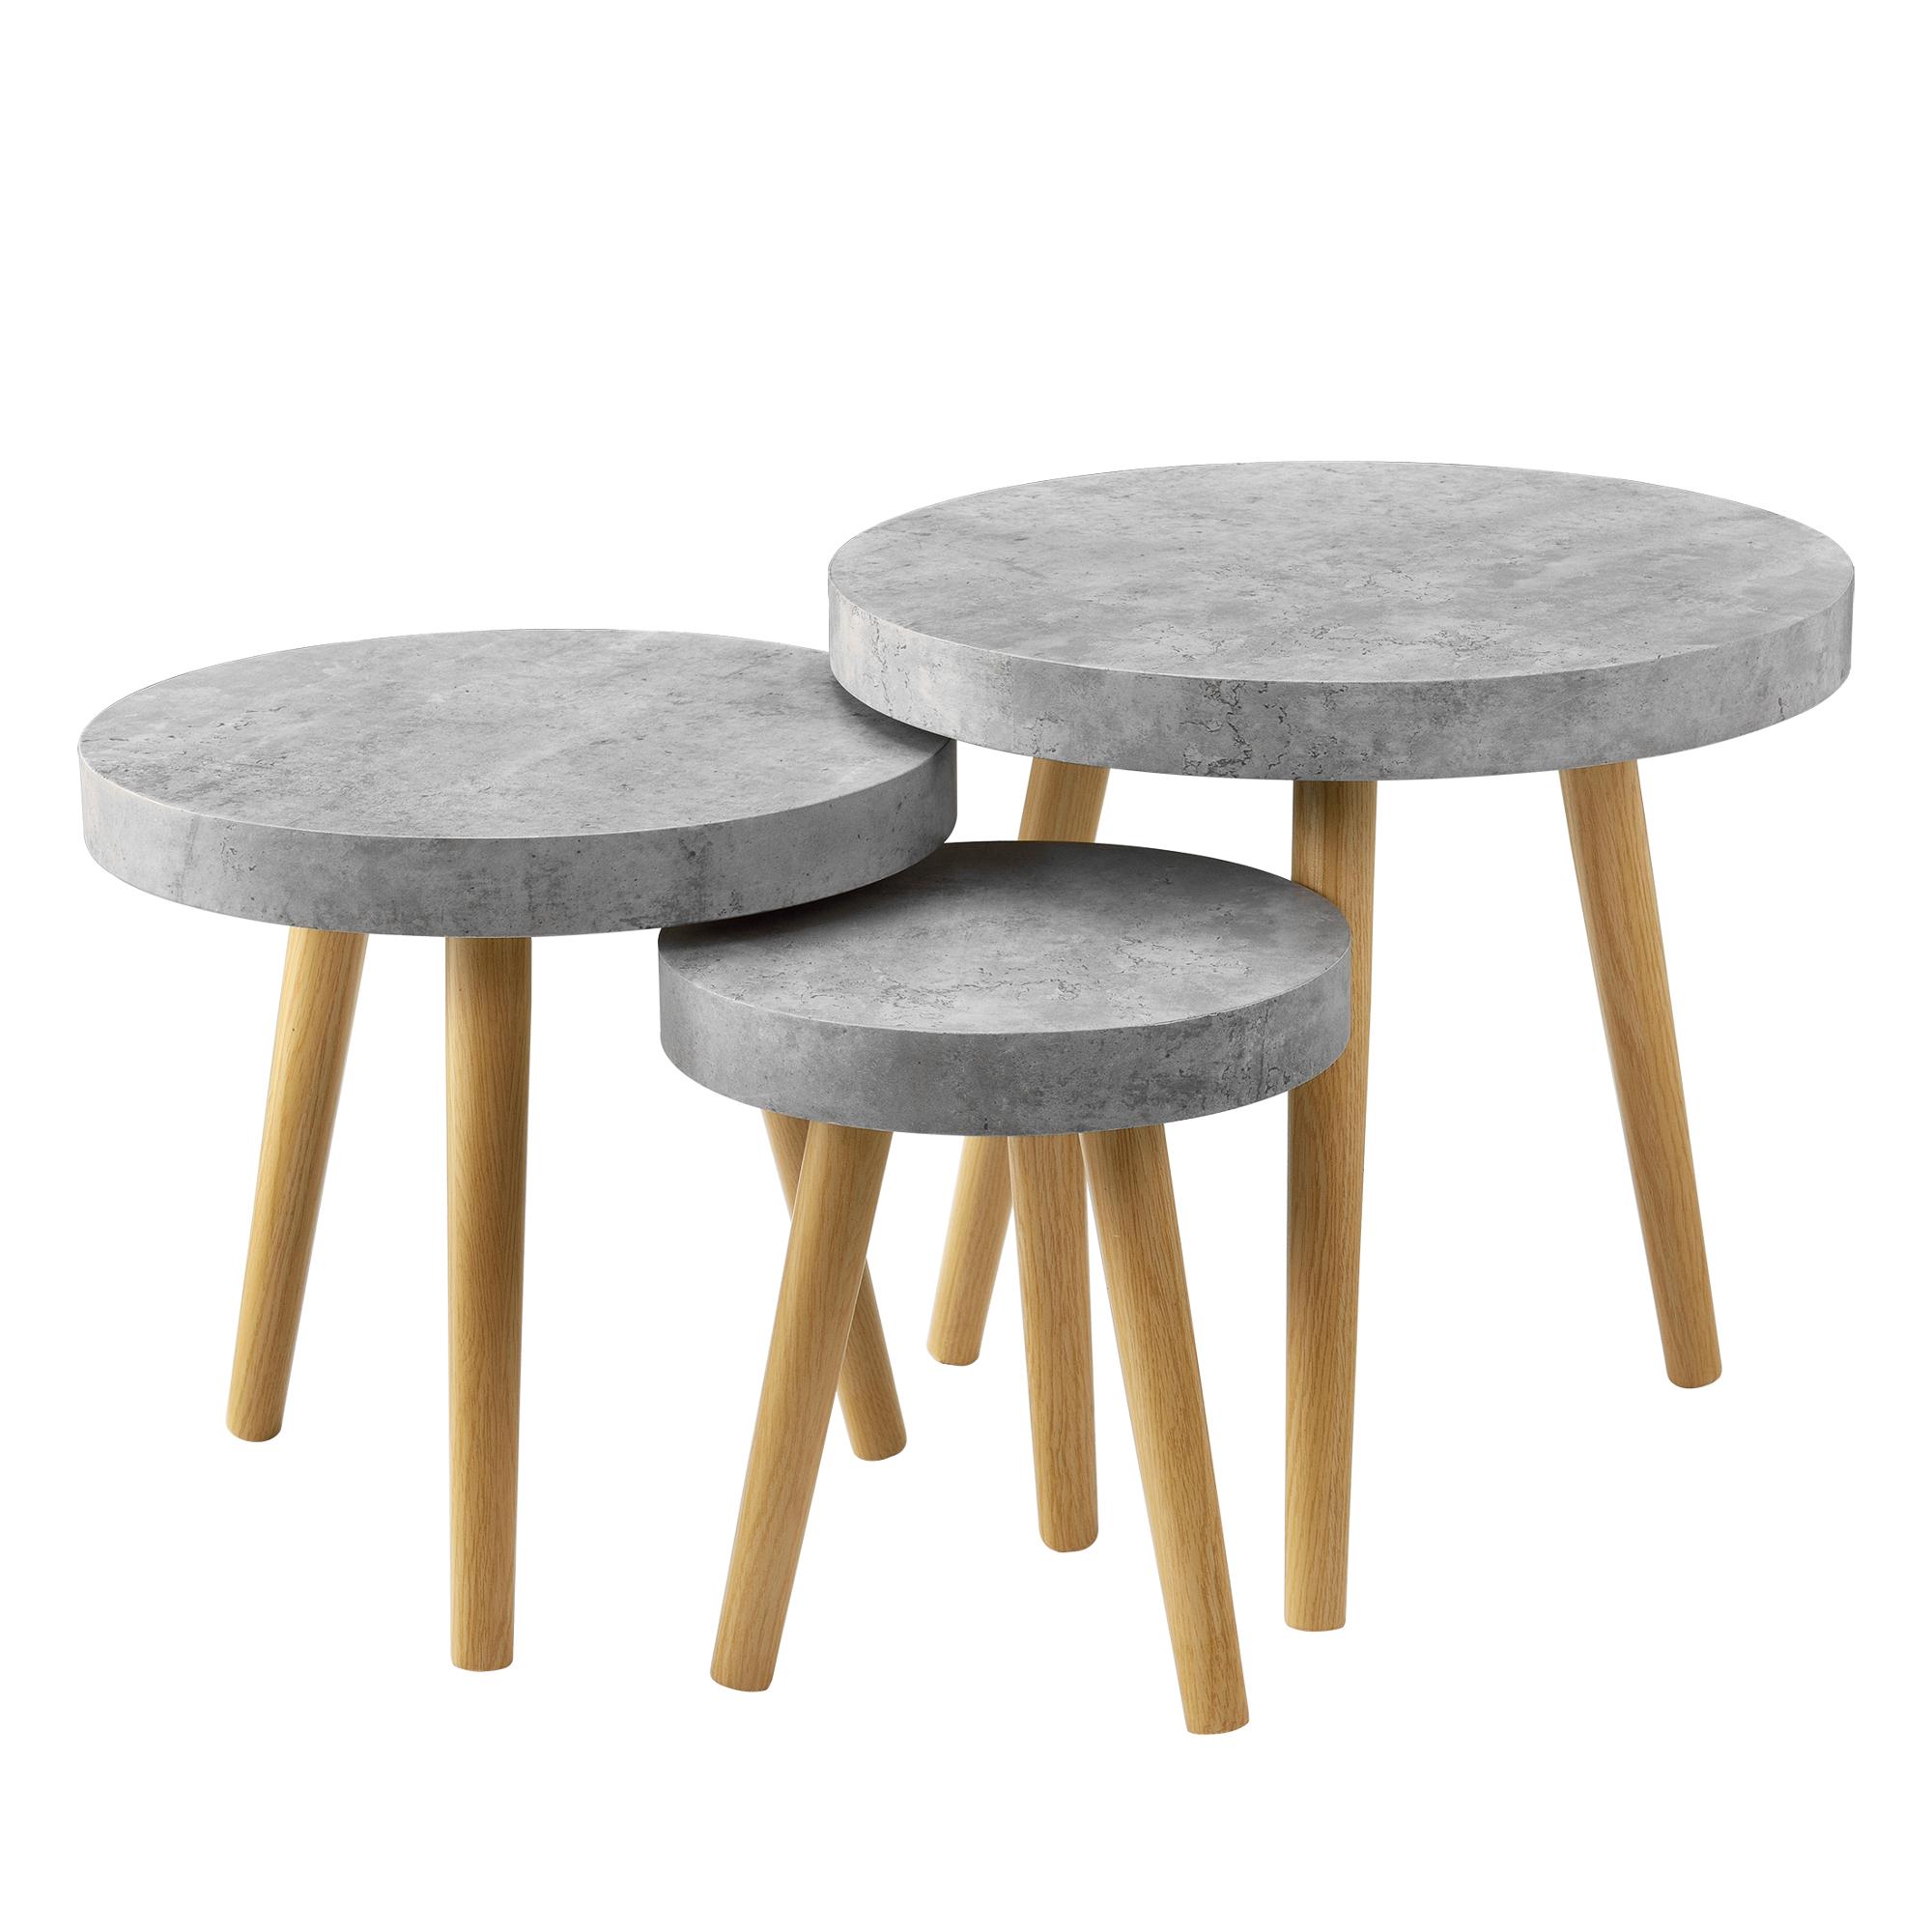 couchtisch 3er set beton grau beistelltisch beistell tisch wohnzimmer ebay. Black Bedroom Furniture Sets. Home Design Ideas